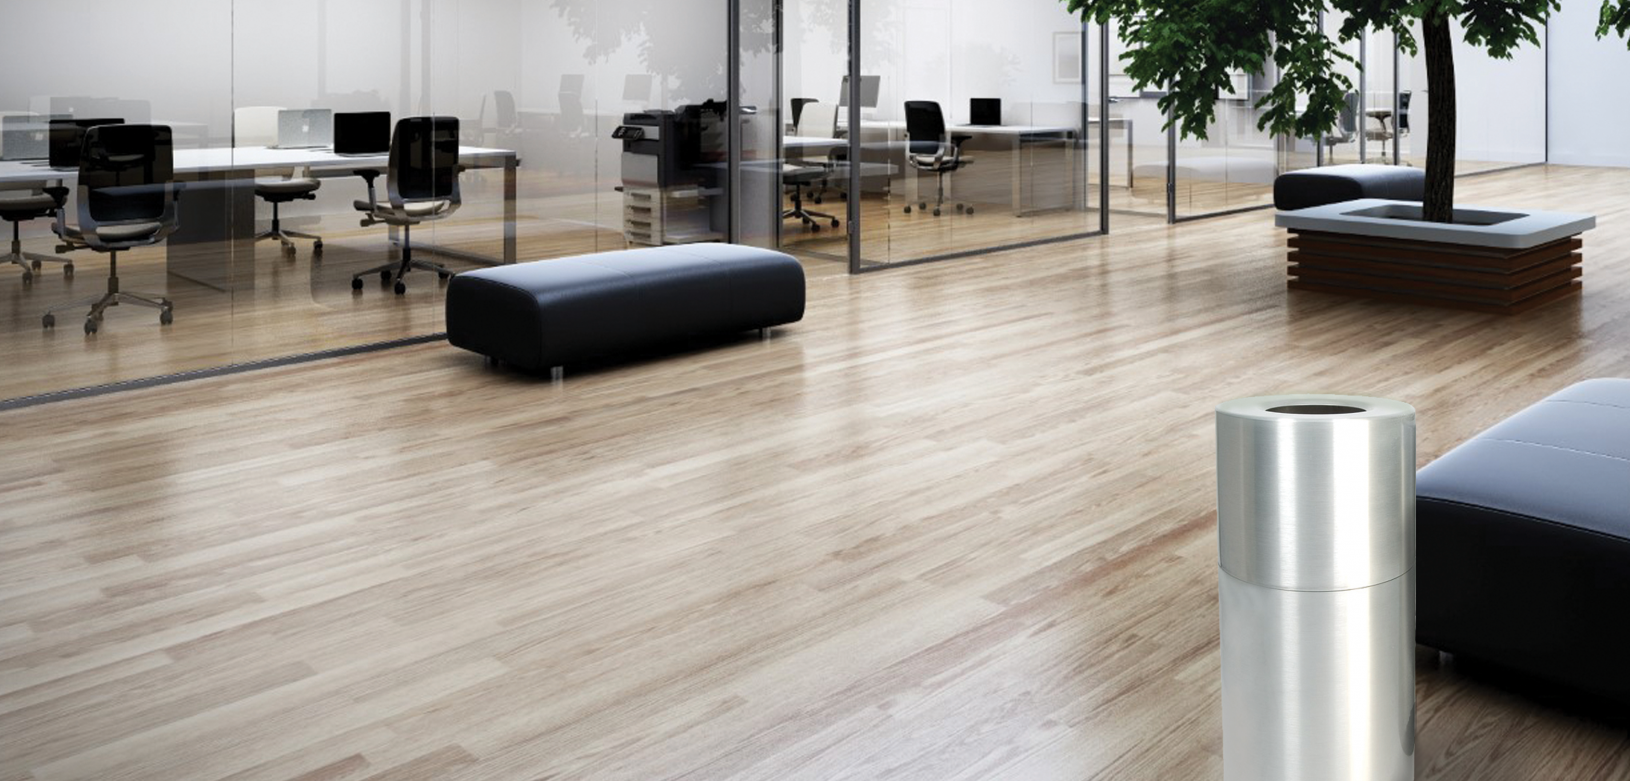 Witt Aluminum Standard Receptacle in Indoor Environment